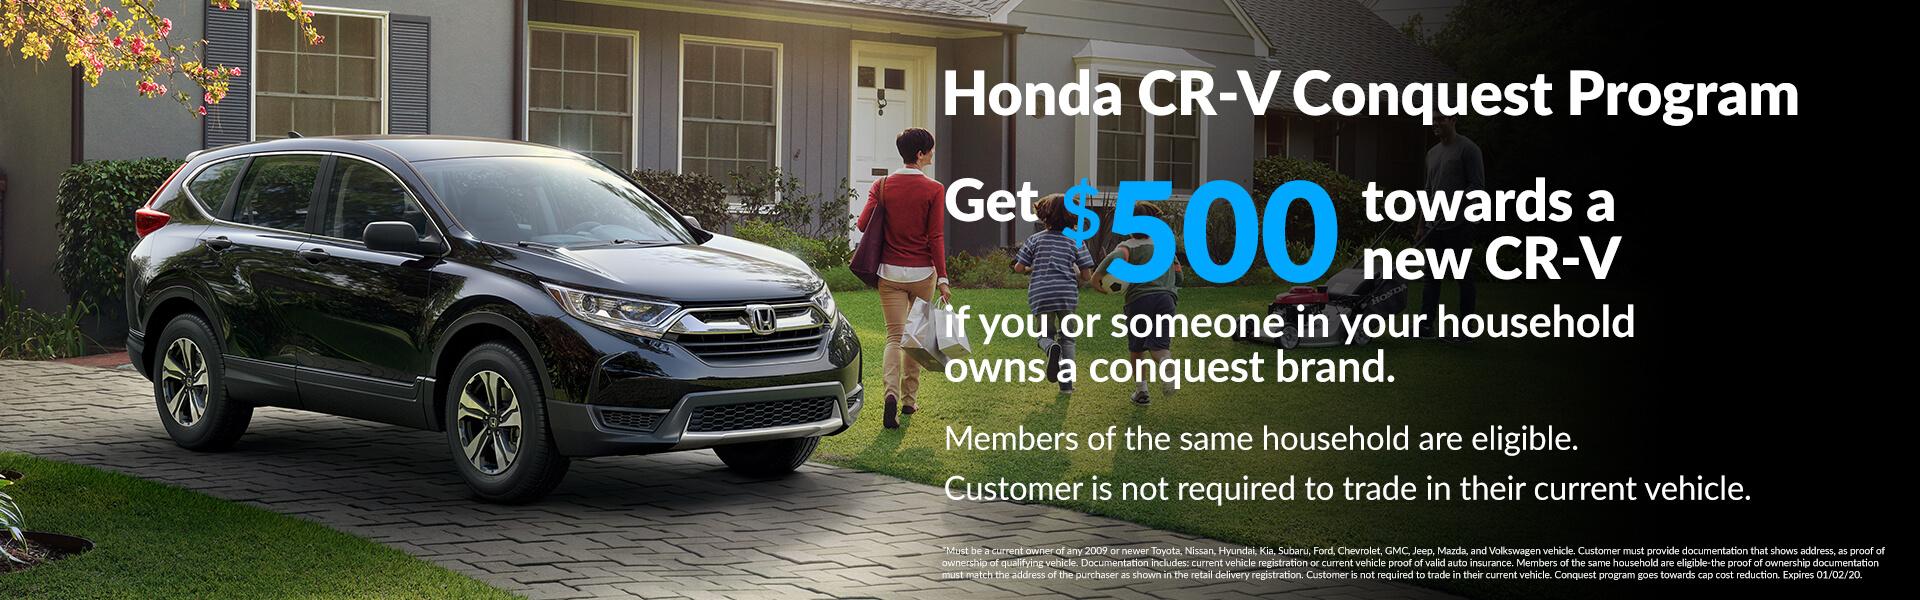 CRV Conquest